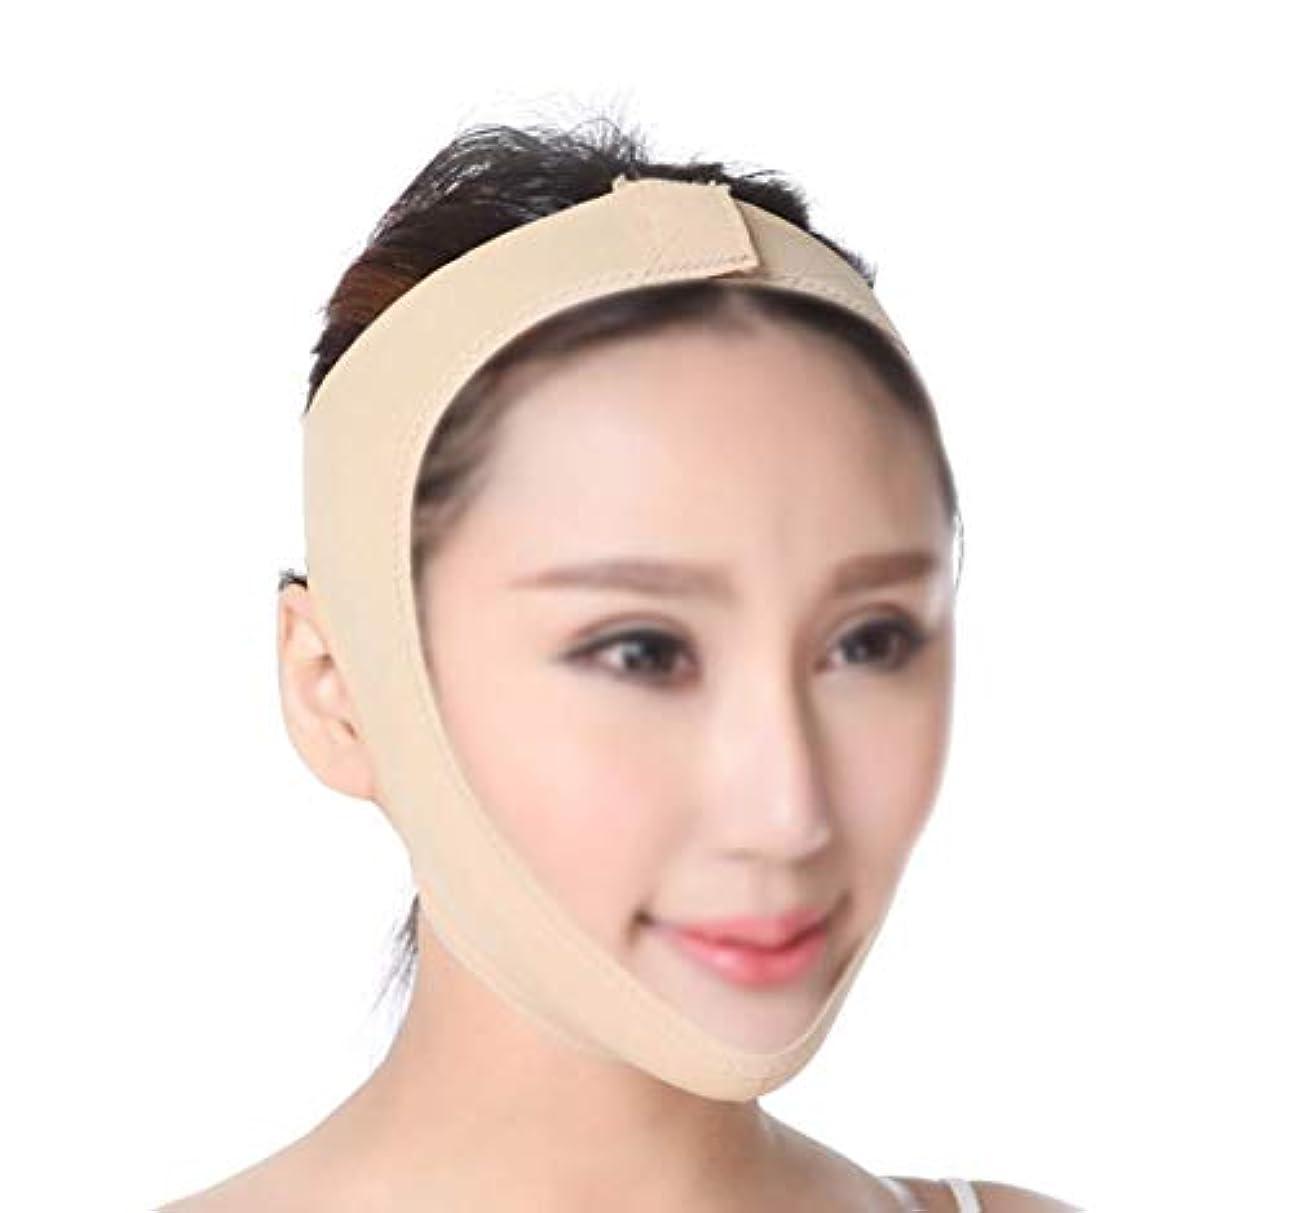 慢性的発揮する順番フェイスリフティング包帯、フェイシャル減量アンチシワケアフェイスリフトで肌を引き締め、二重あごを効果的に改善し、V字型の顔になります(サイズ:S),L